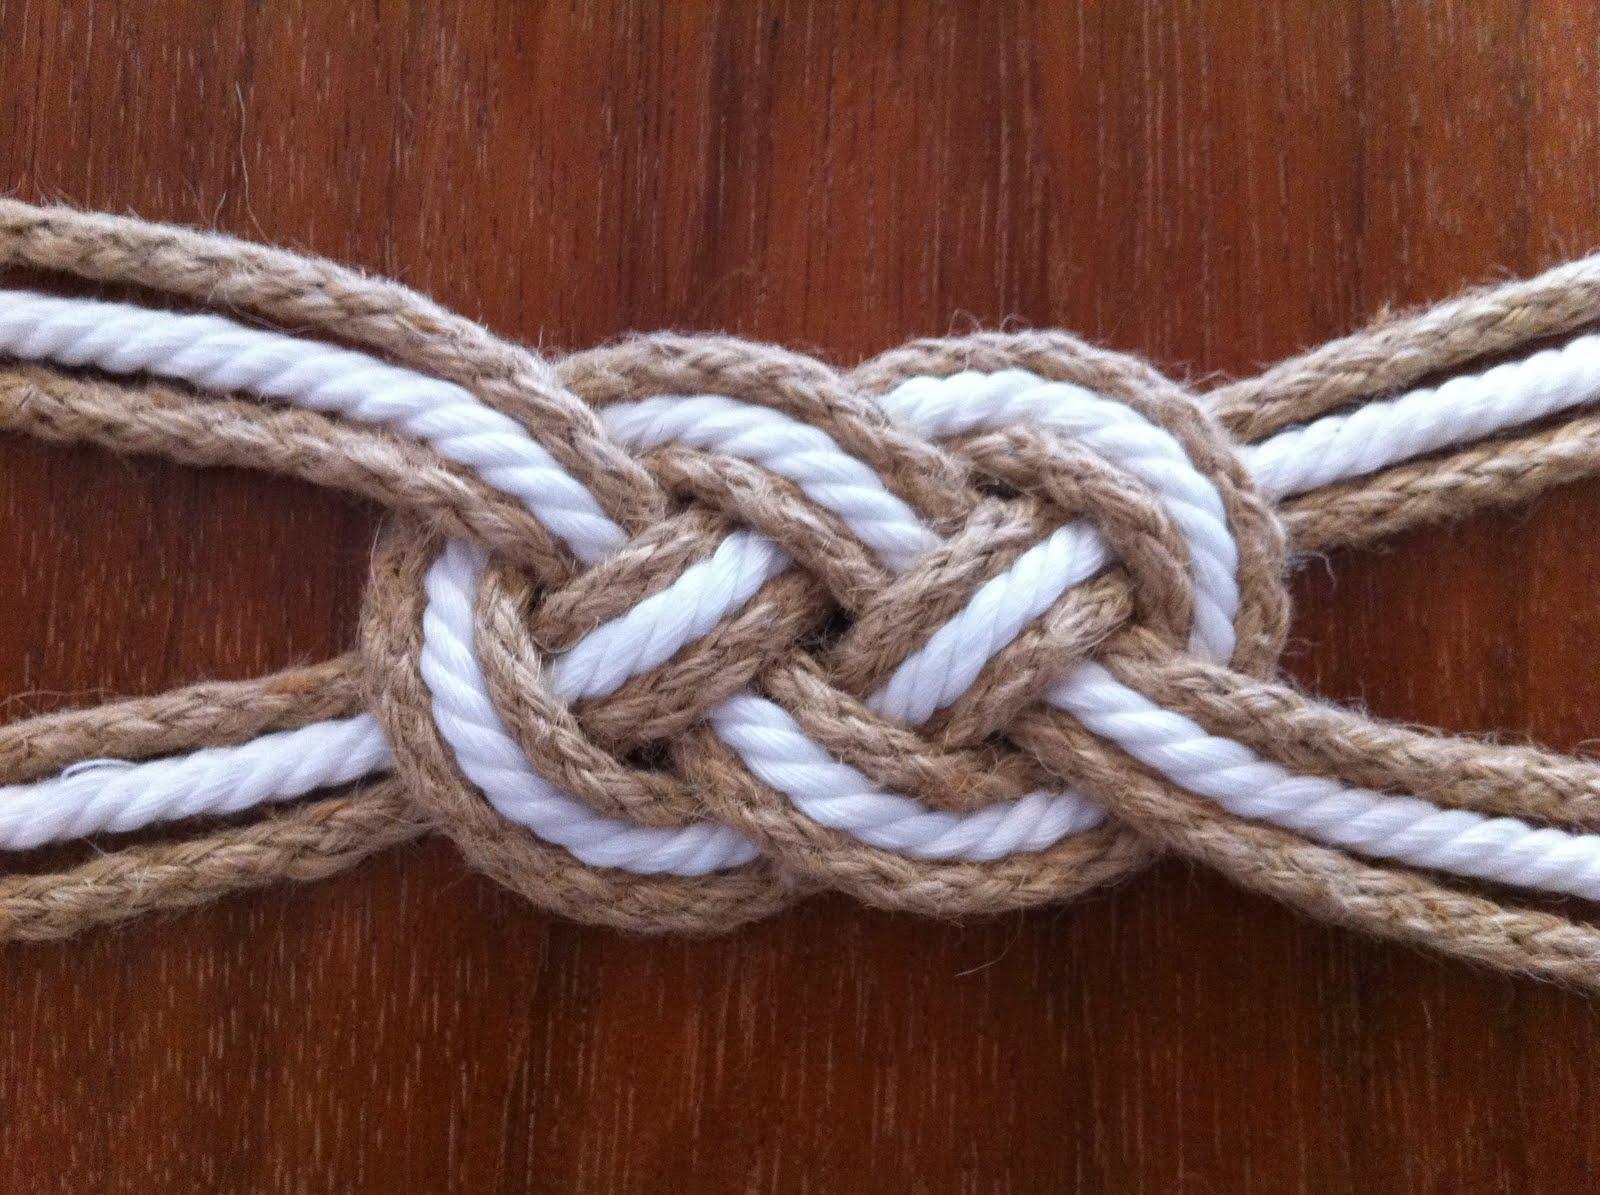 Связал ремнями веревкой крепко надел колготки 1 фотография